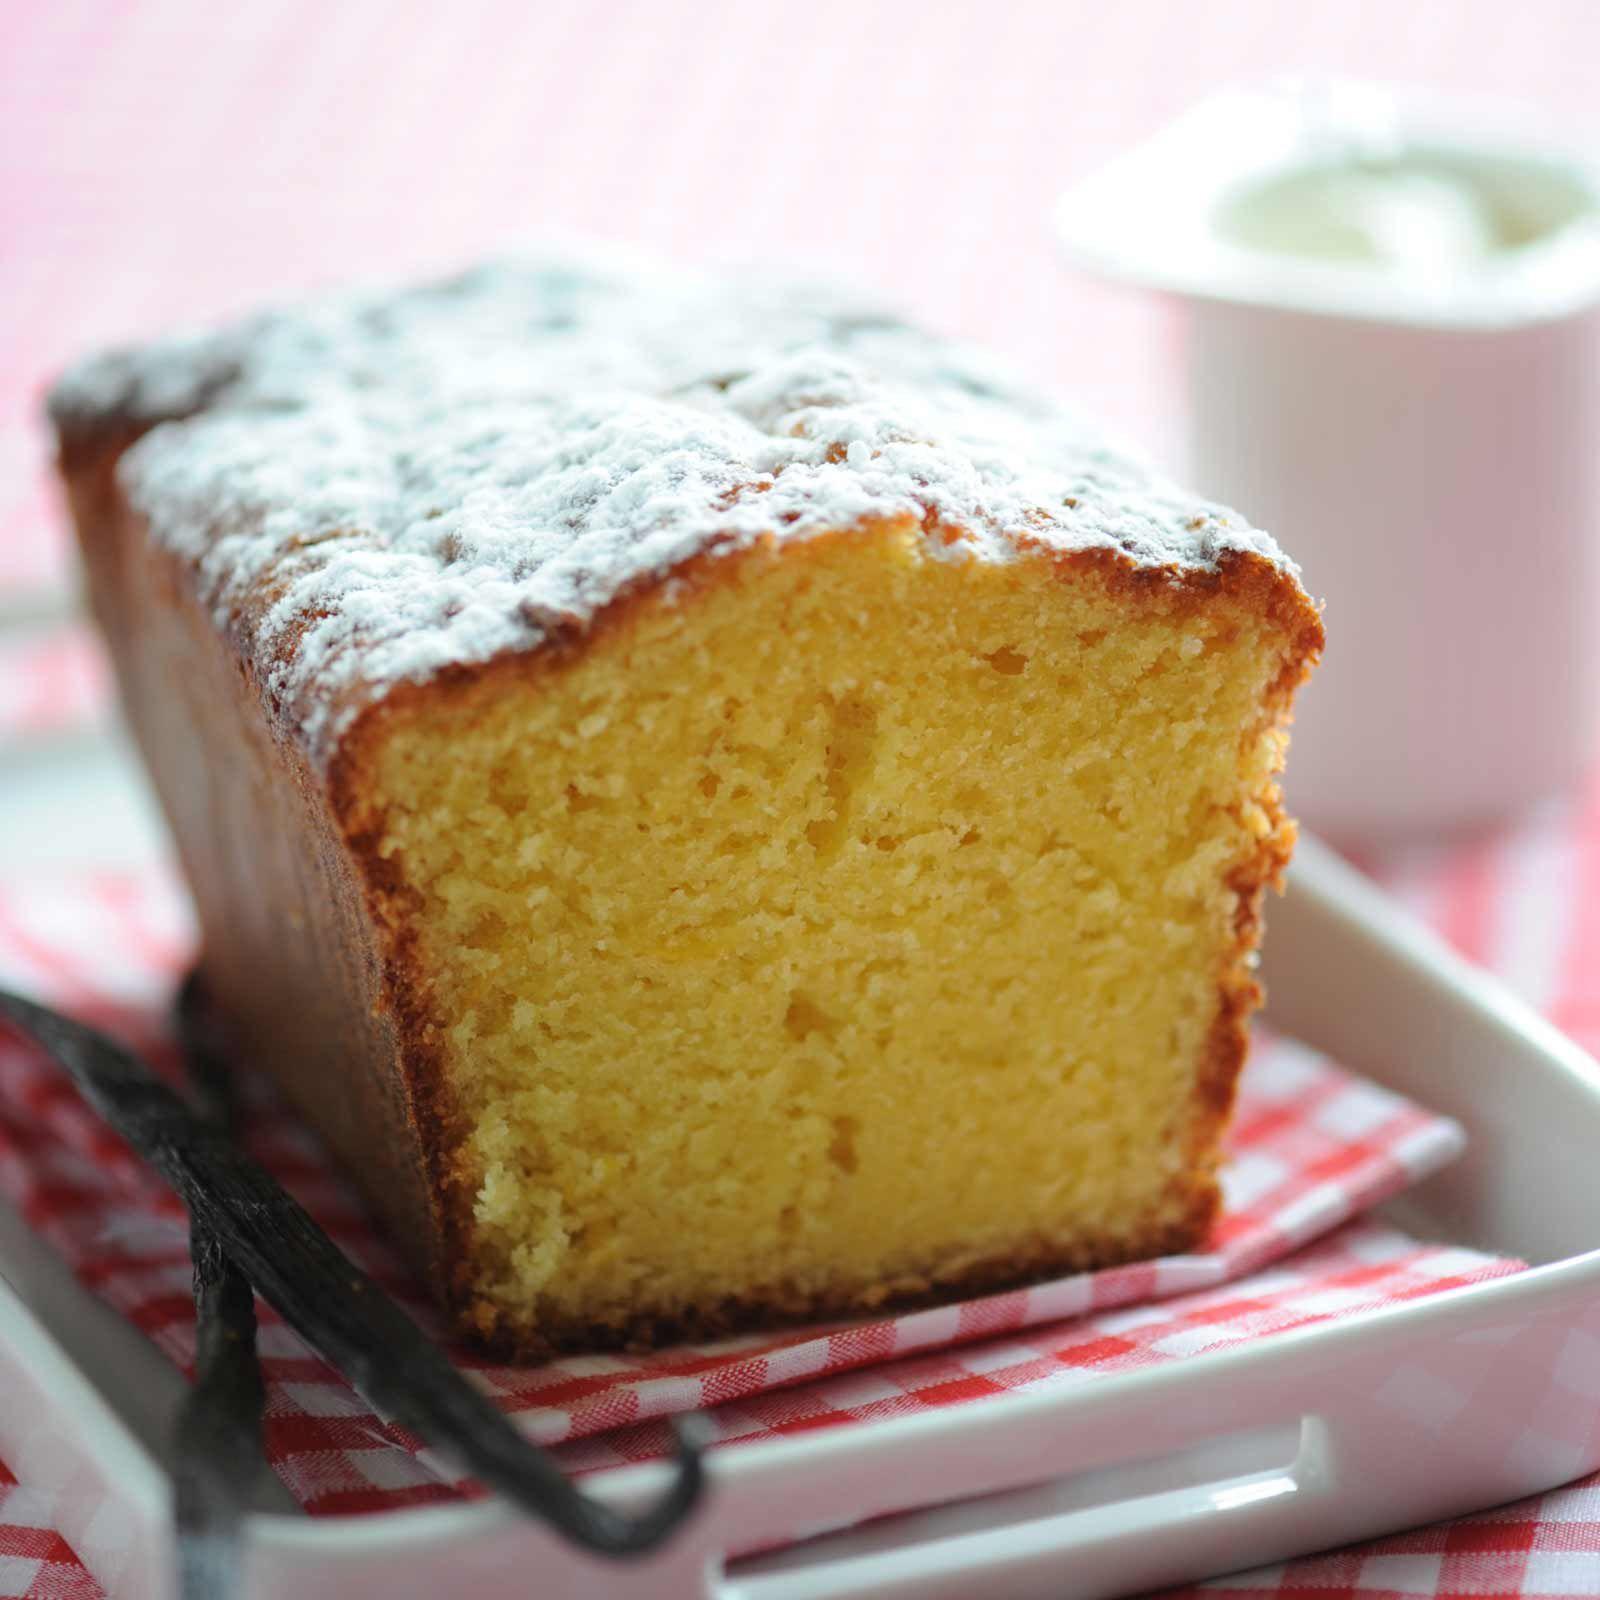 La recette de gateau a la vanille